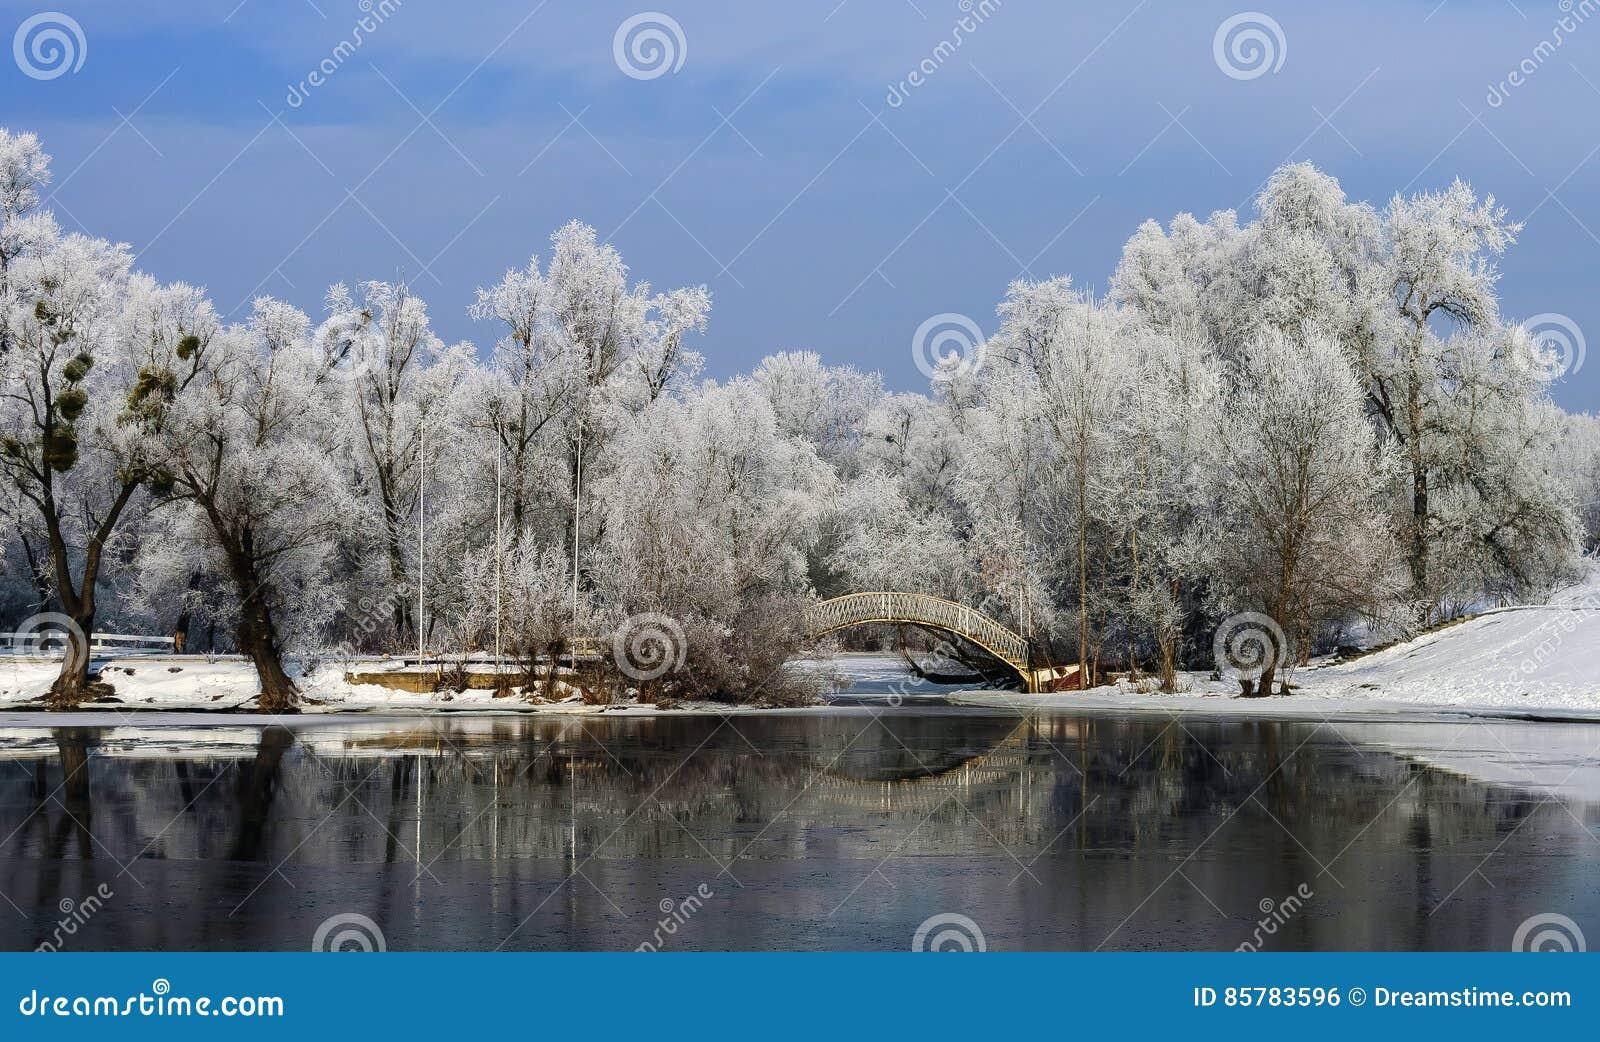 Buckelbrücke über der Flussbucht unter großen Bäumen im Frost